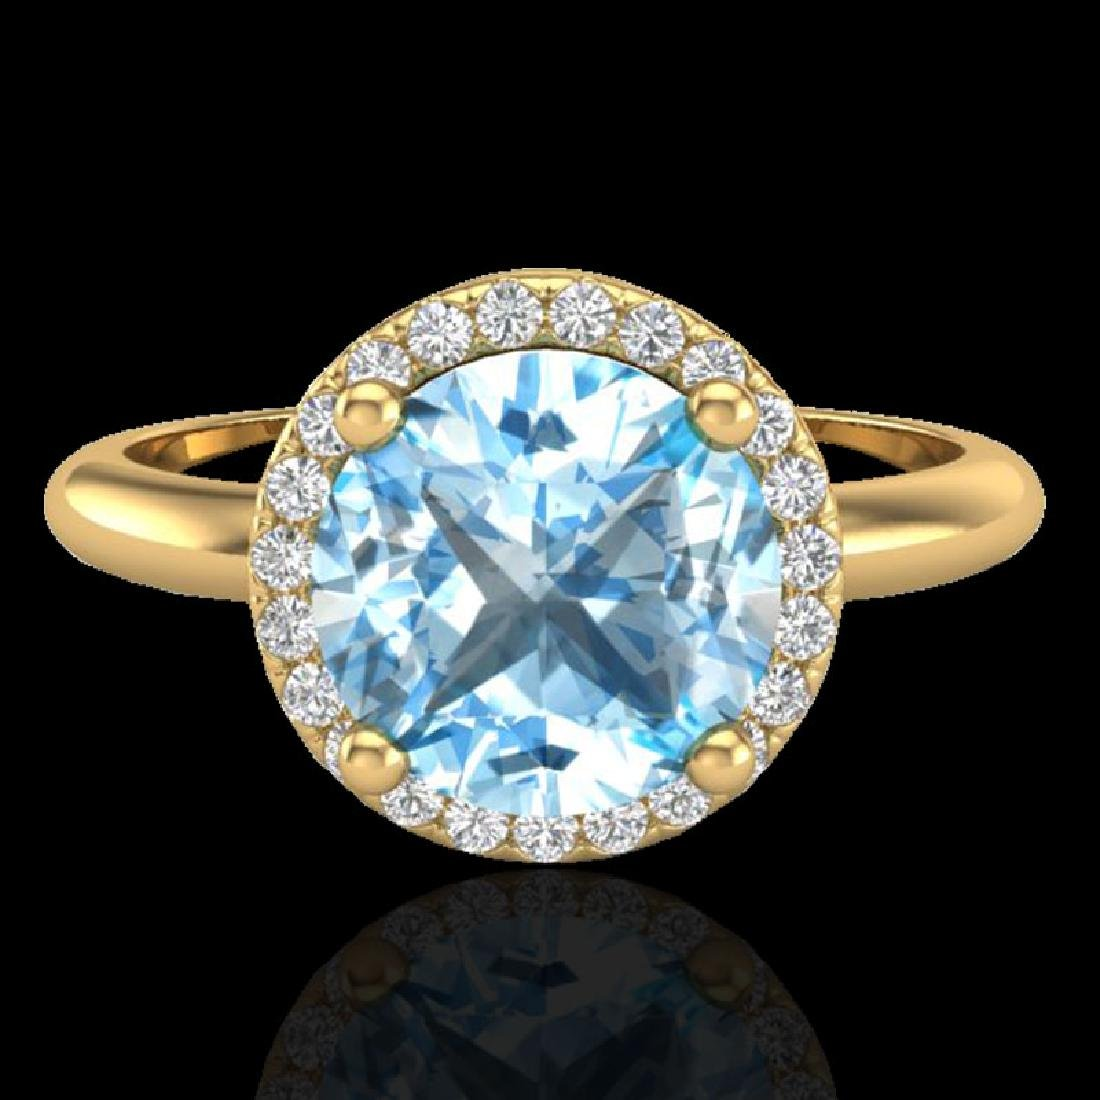 2.70 CTW Sky Blue Topaz & Micro VS/SI Diamond Ring